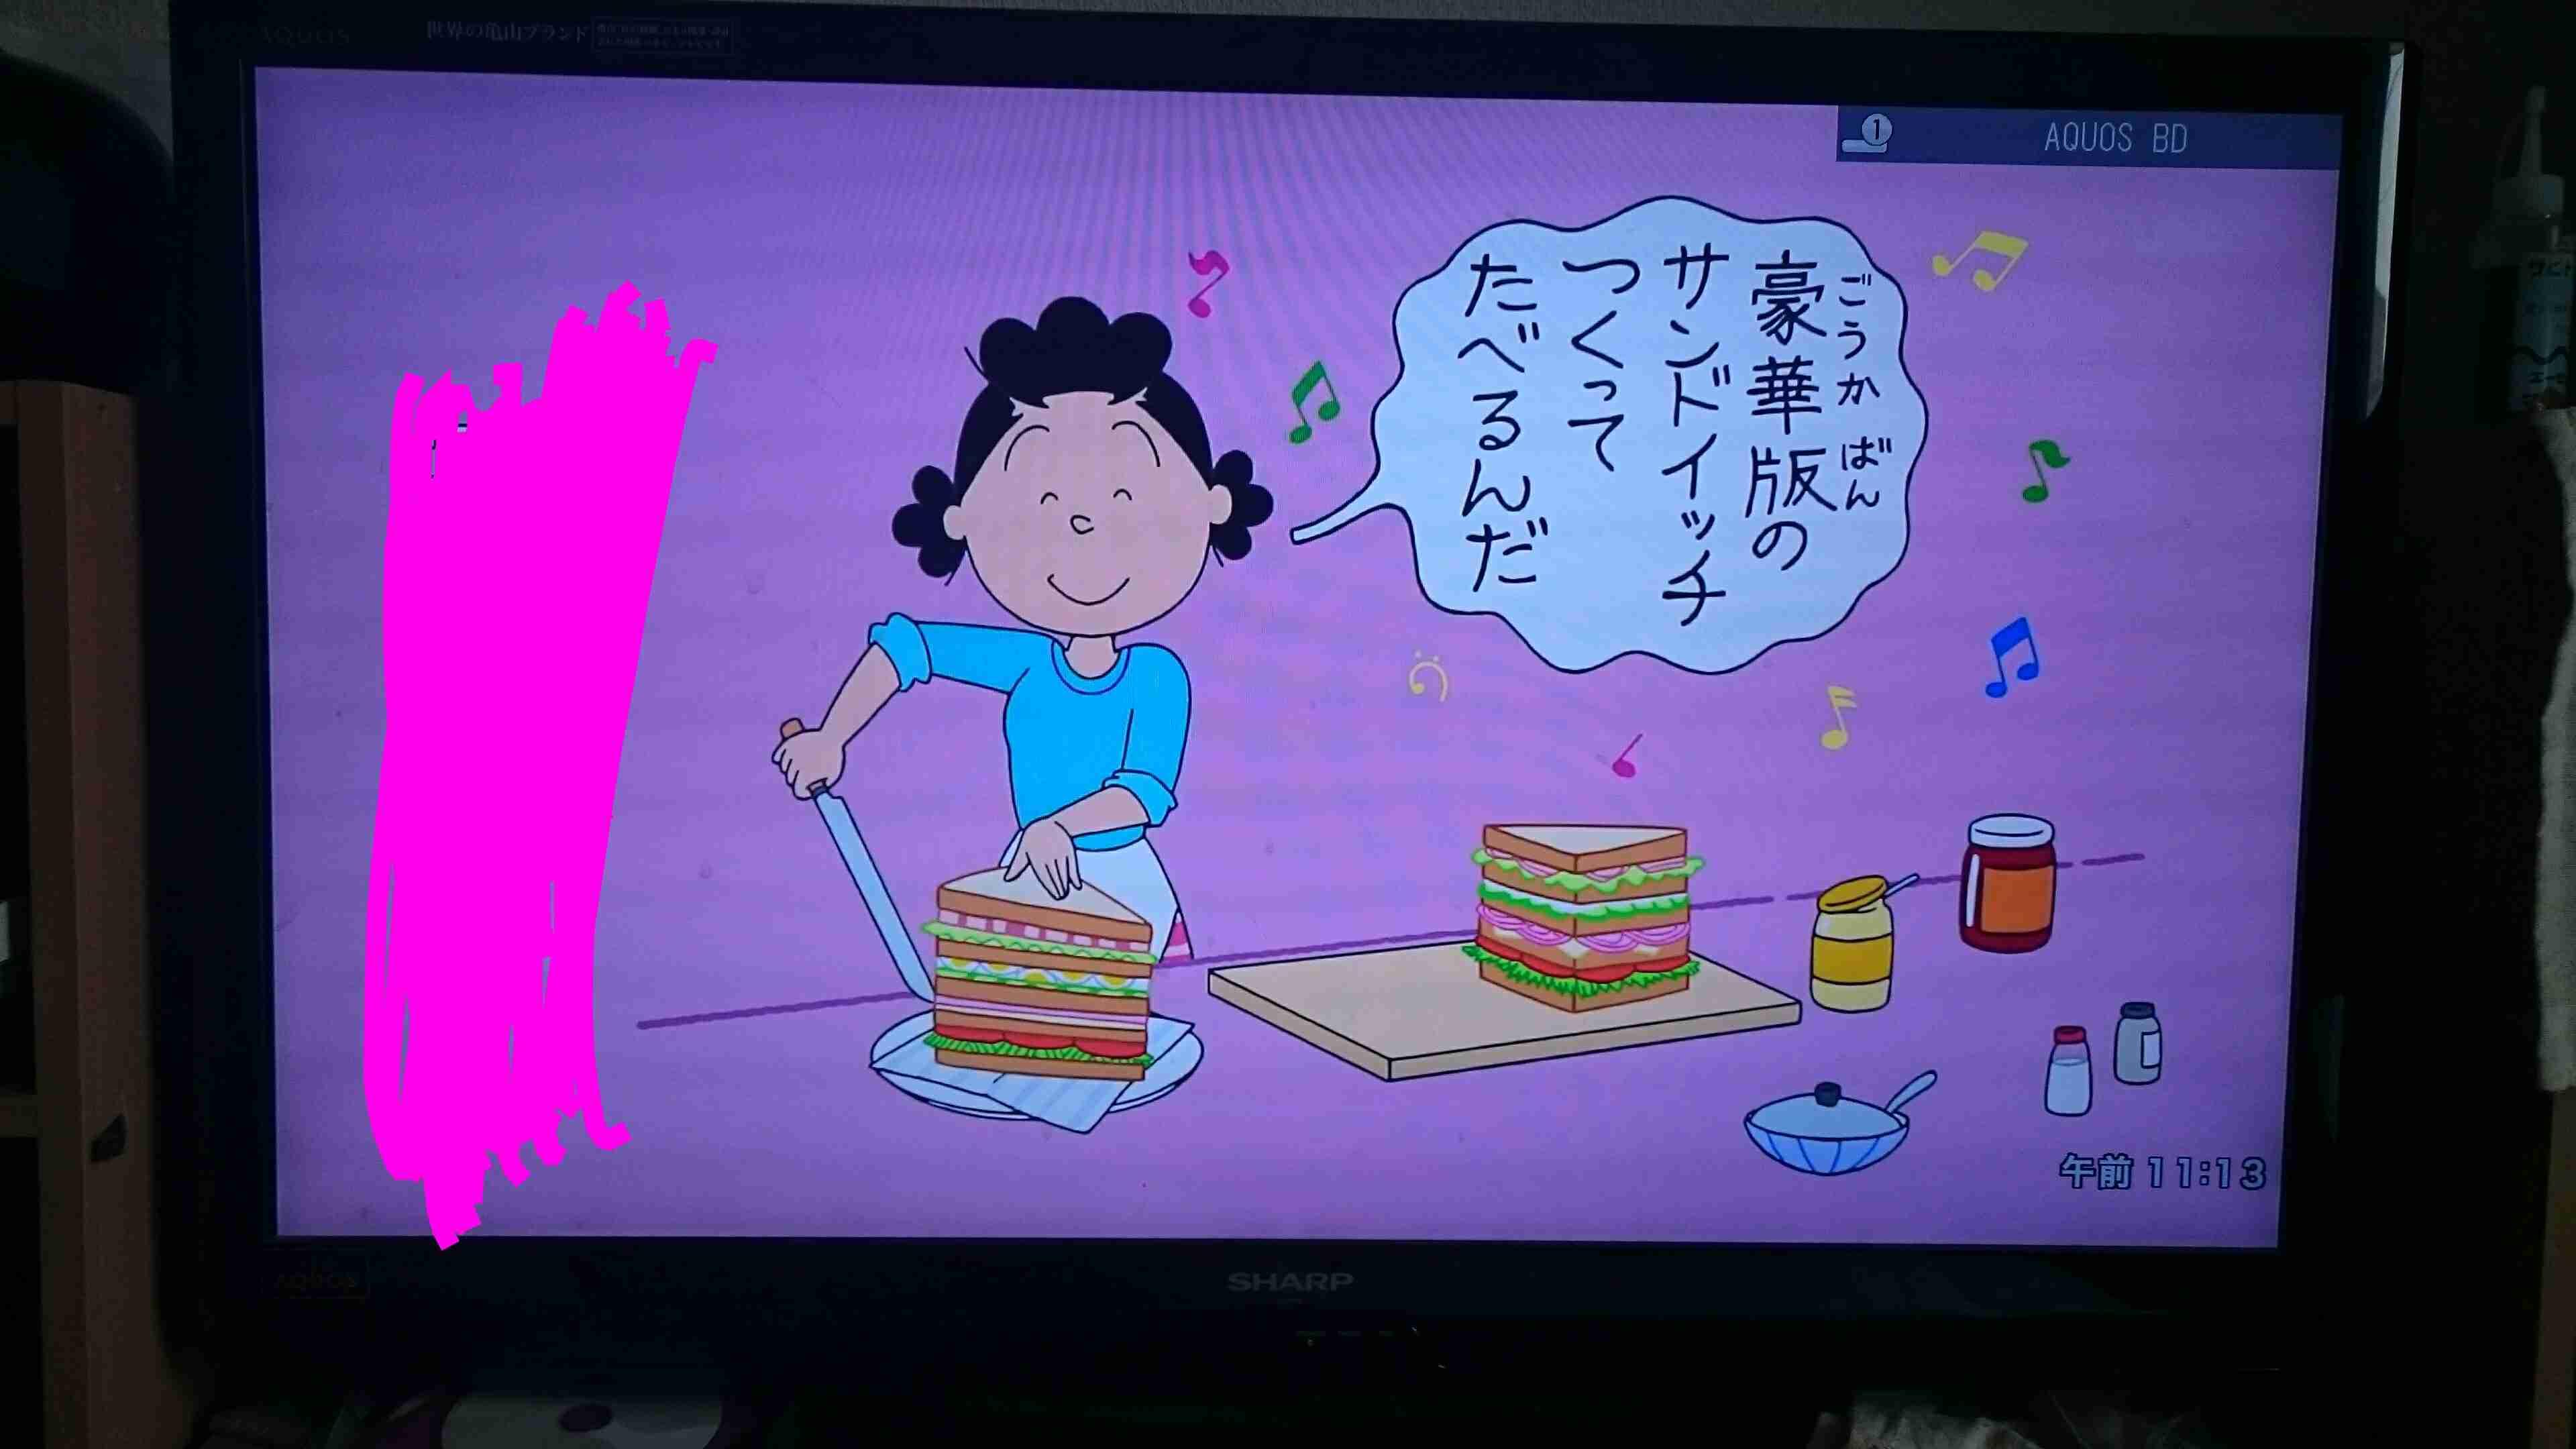 『サザエさん』はもはや国民的アニメではない。昭和のパラレルワールドを楽しめない理由